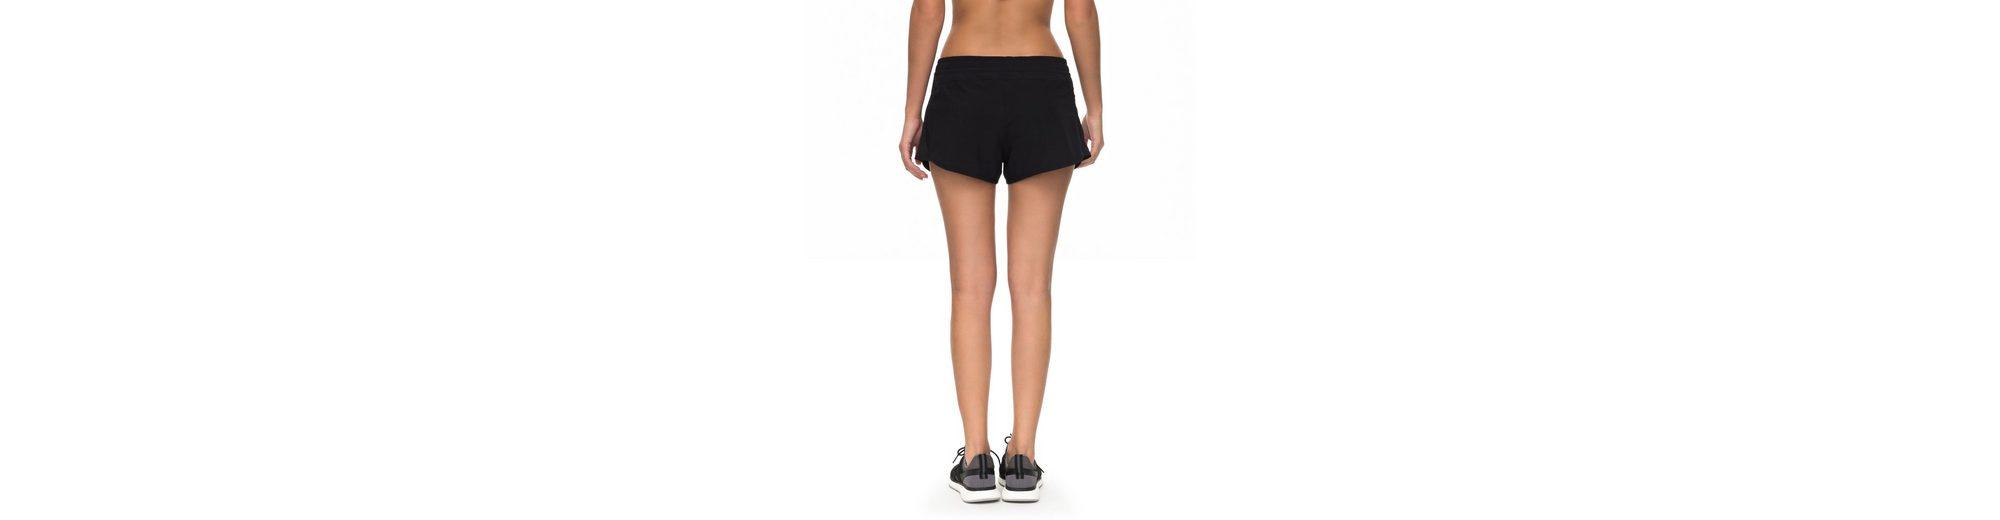 Hohe Qualität Zu Verkaufen Roxy Funktionelle Shorts All In Time Billig Zuverlässig Billig Günstig Online AWXb6Mzq